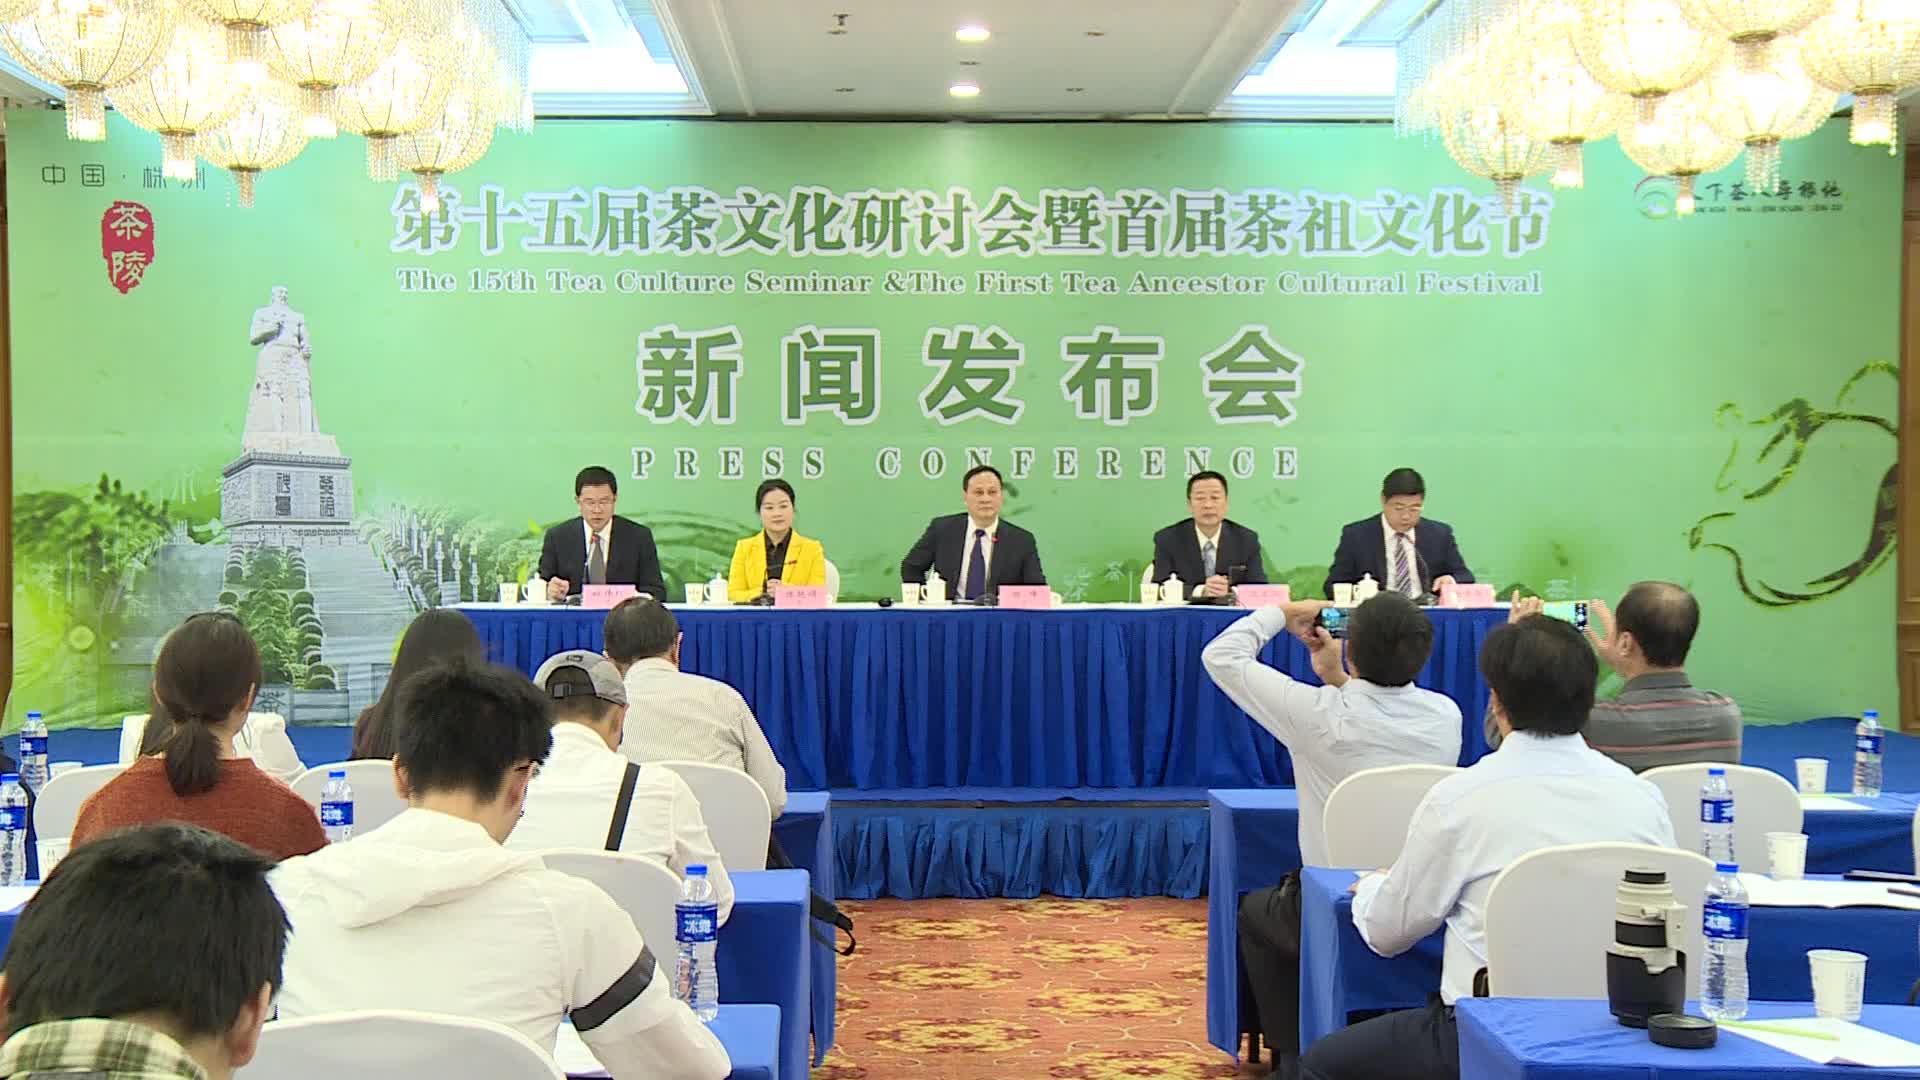 首届茶祖文化节来了 11月相约株洲茶陵